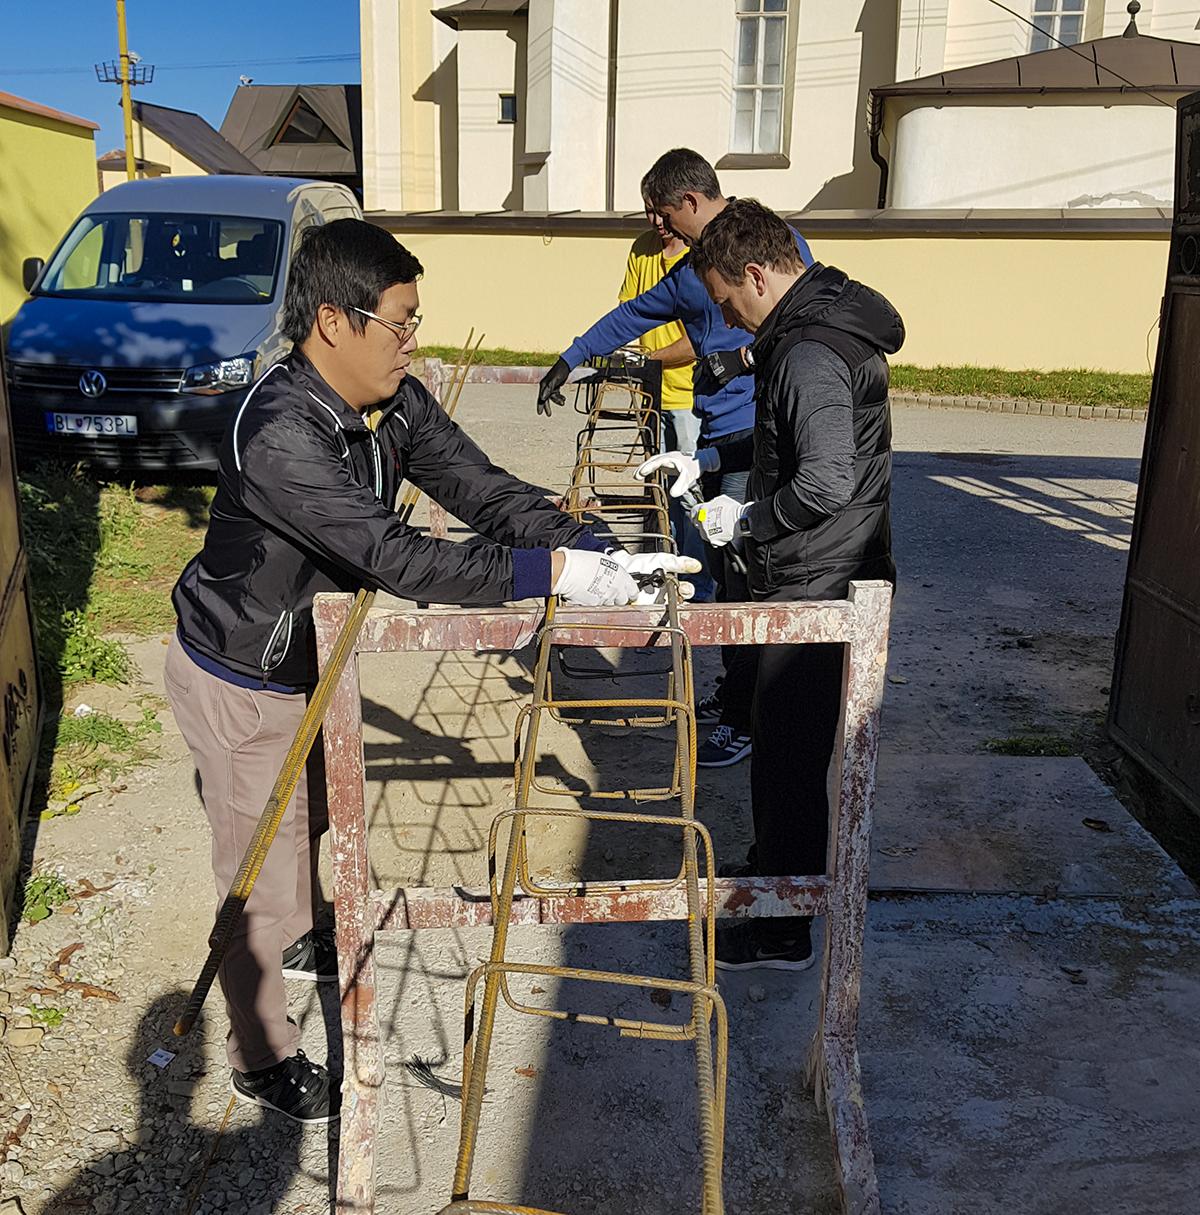 Hoạt động nằm trong nỗ lực mang yêu thương và sẻ chia đến cộng đồng của FPT Slovakia.